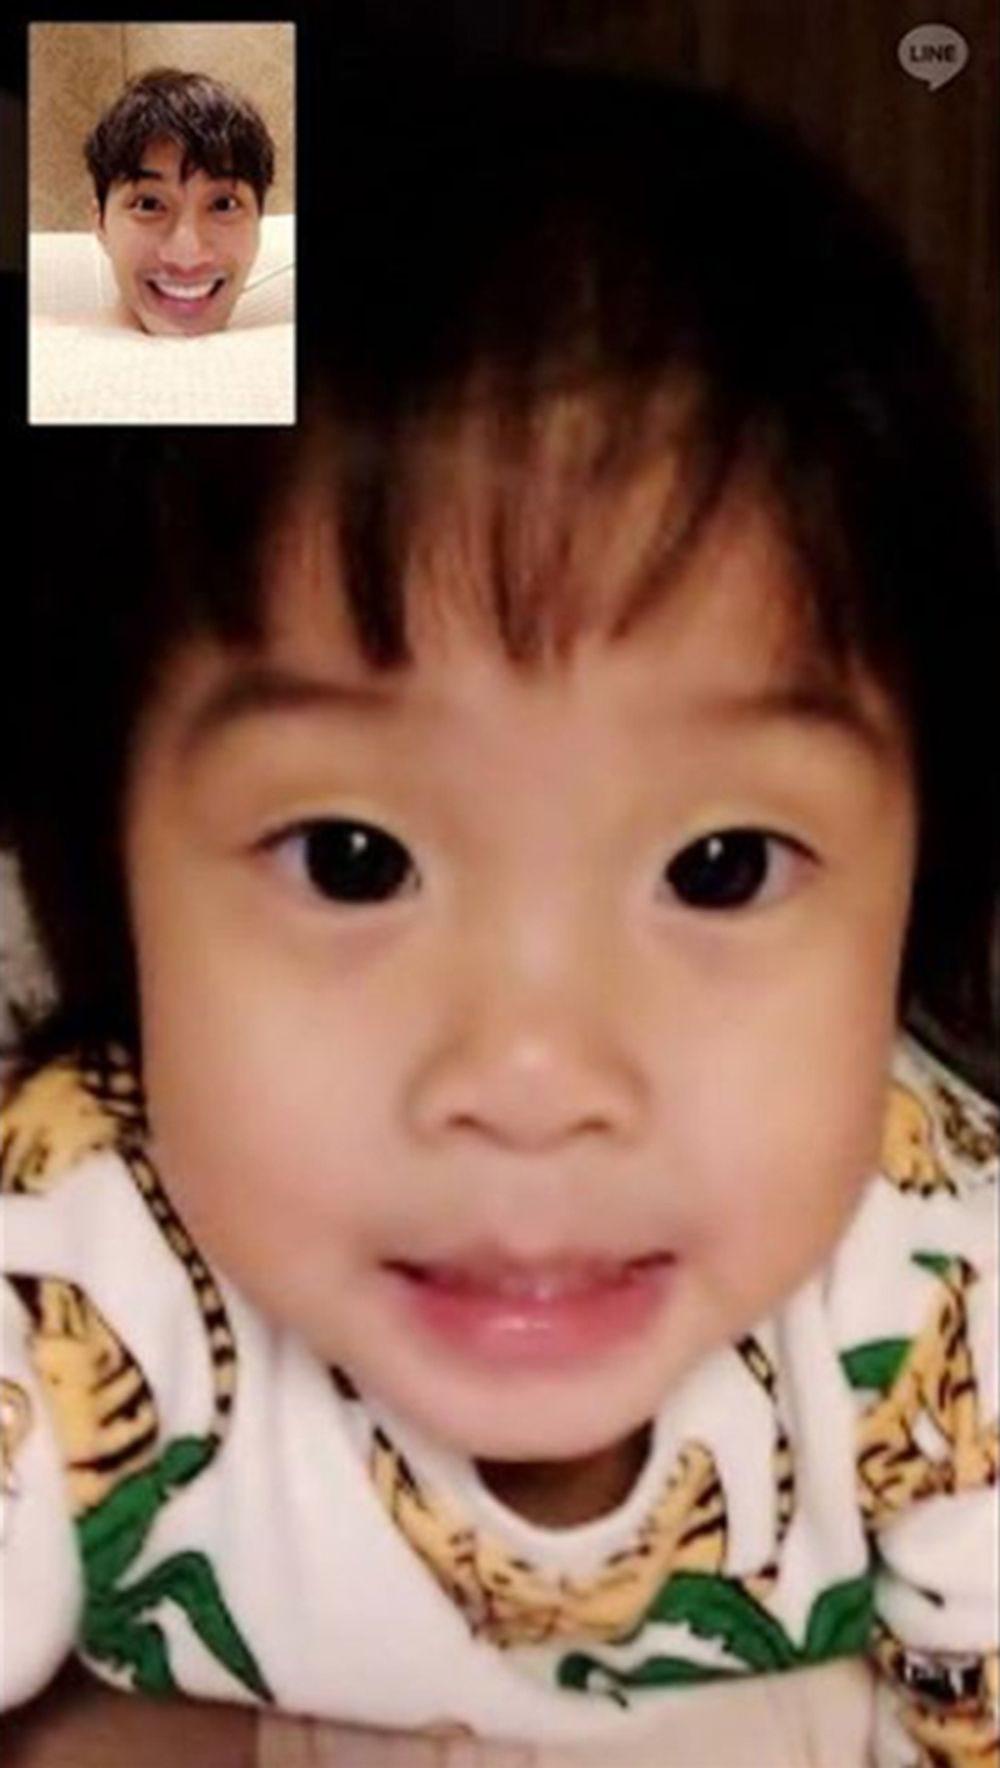 พ่อบี้-น้องเป่าเปา วิดีโอคอลคุยกันตลอดตอนพ่ออยู่จีน